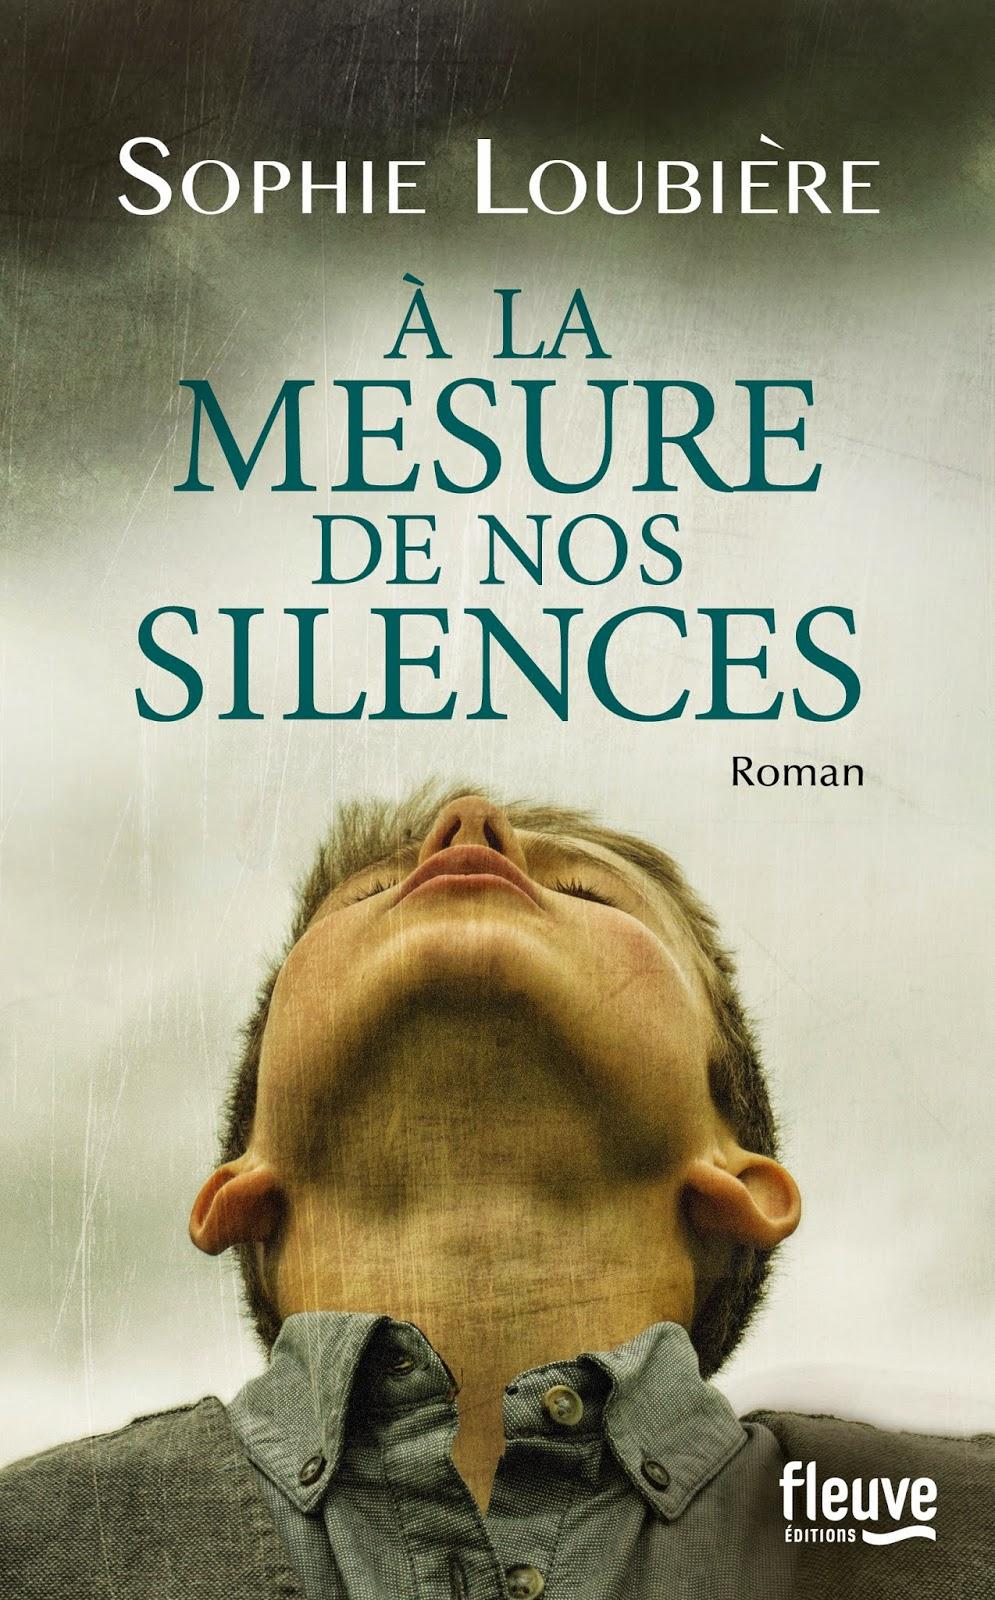 A la mesure de nos silences Sophie Loubière